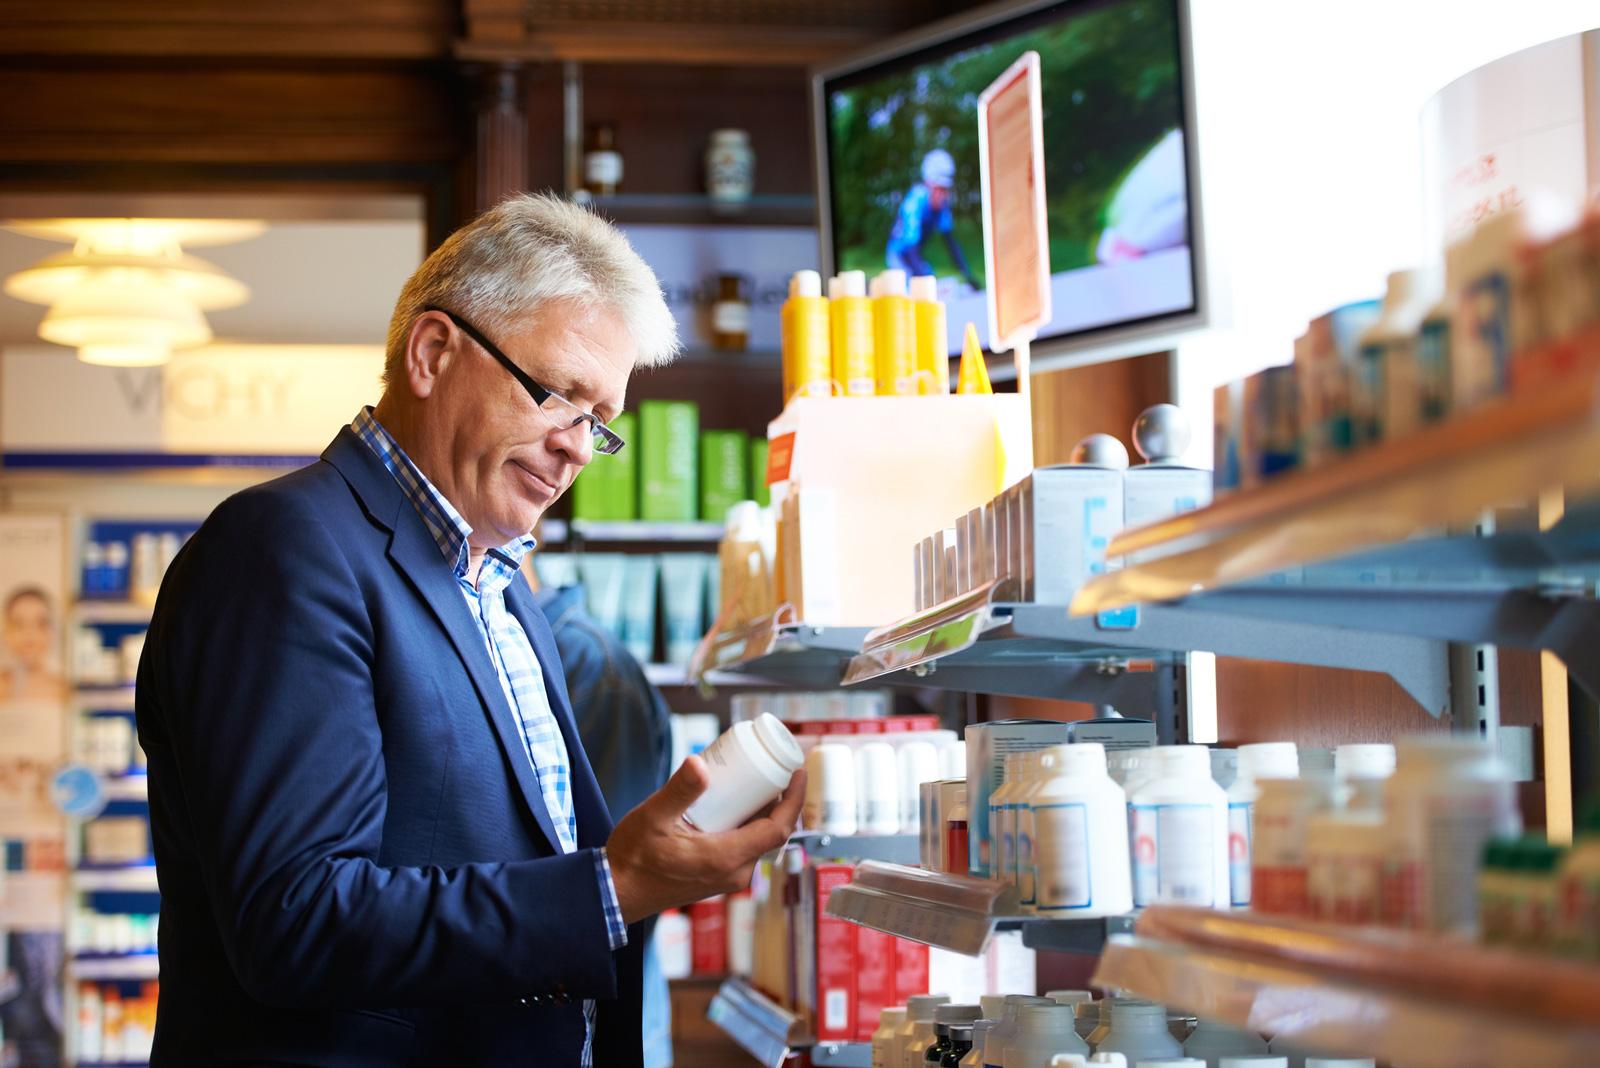 Nahrungsergänzungsmittel werden in Apotheken, Drogerien und Supermärkten angeboten.